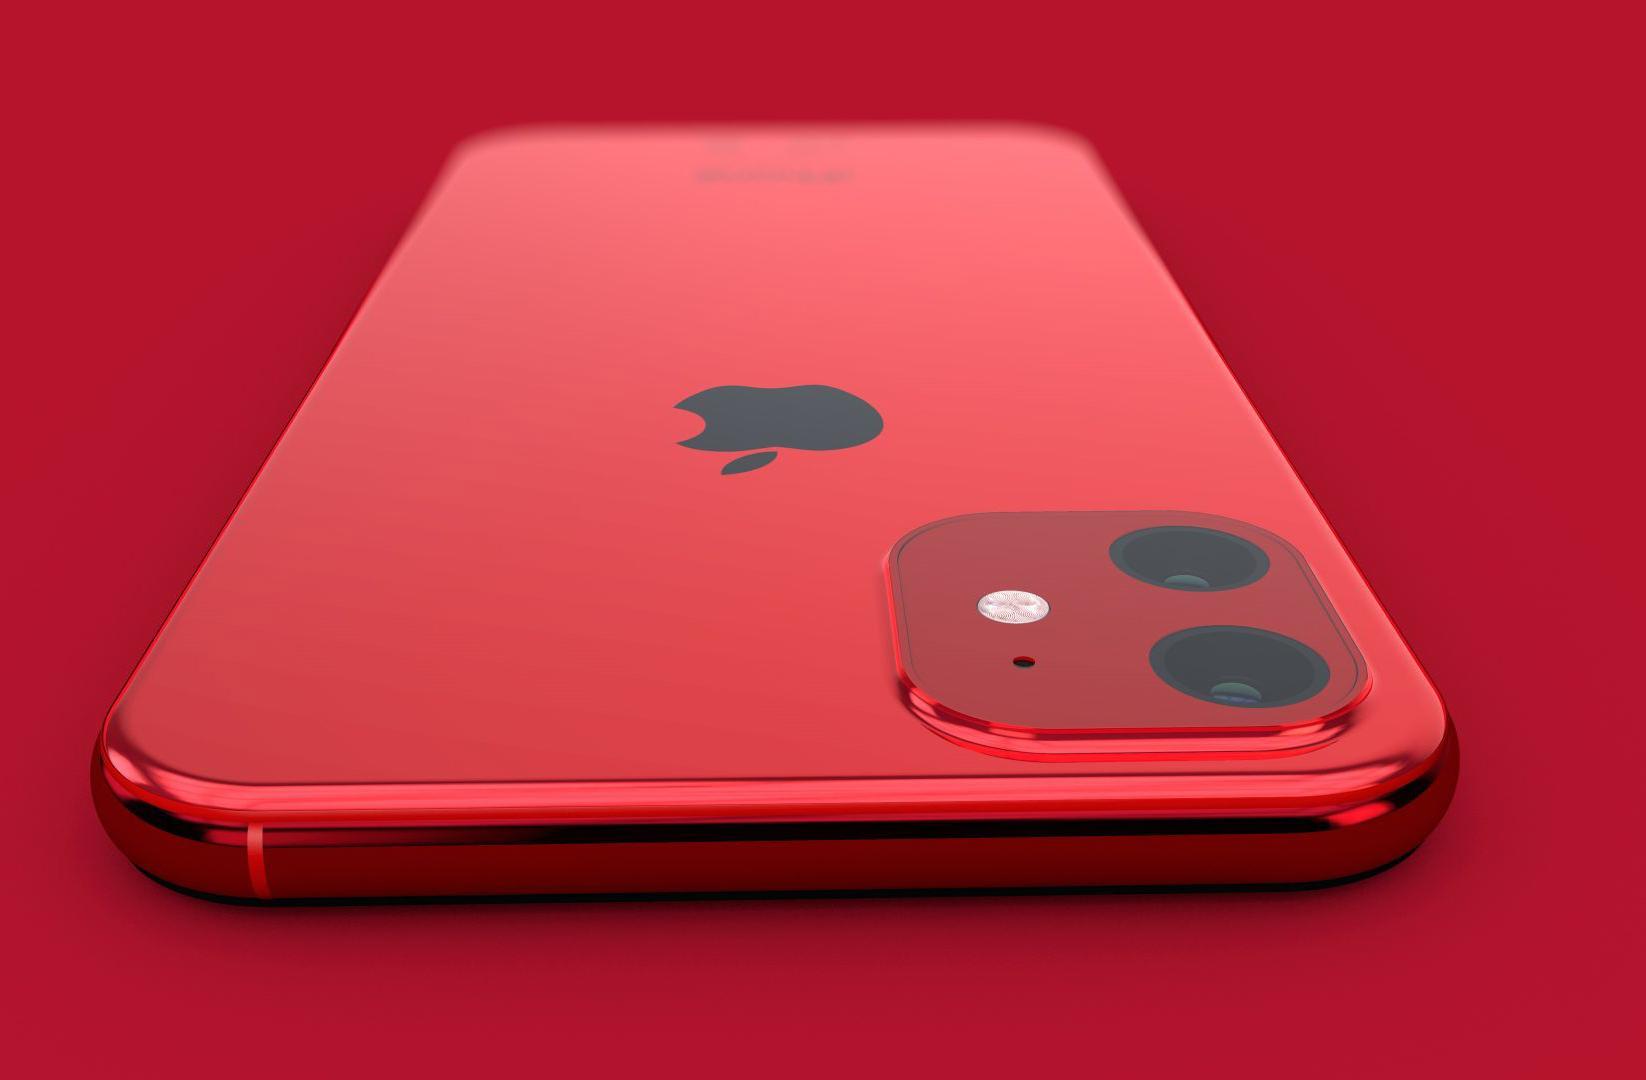 گوشی جدید اپل دارای بهترین باتری میان آیفونها است +تصاویر